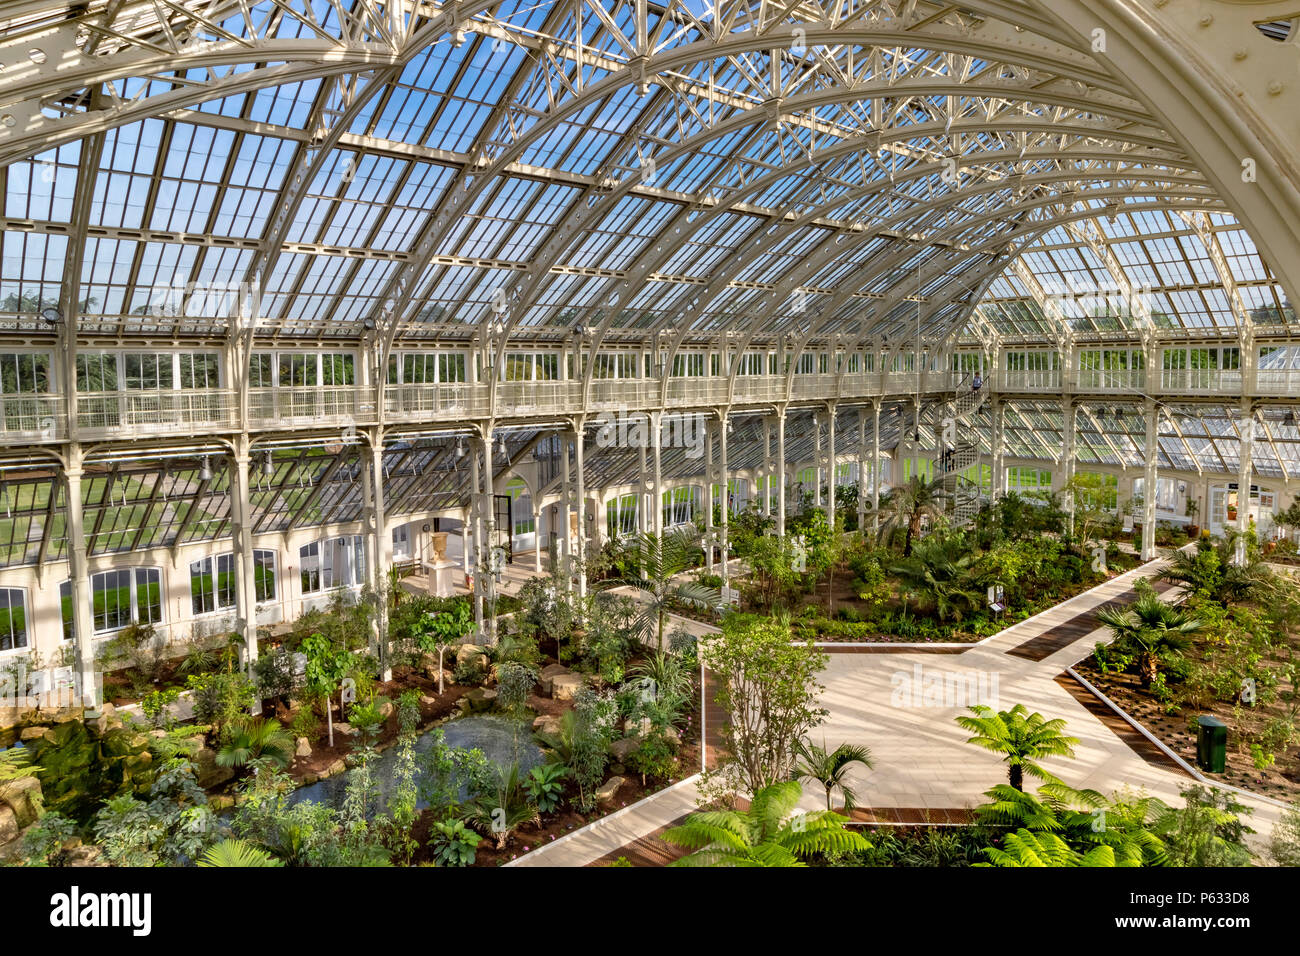 Después de 5 años de restauración, la recién restaurada casa templada en el Royal Botanic Gardens, Kew, en Londres, ha vuelto a abrir sus puertas a los visitantes . Foto de stock